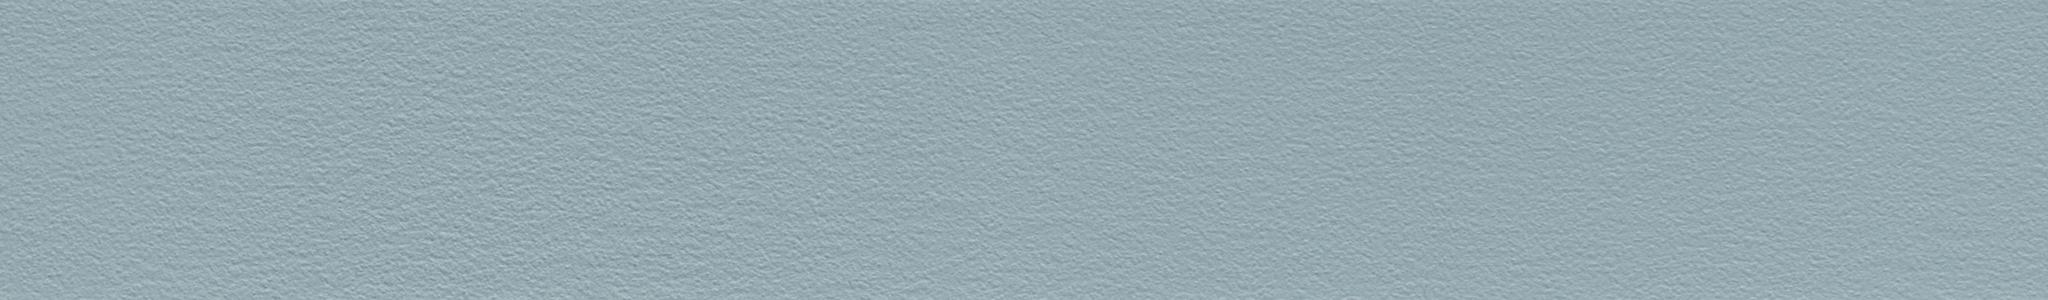 HU 156717 ABS Edge Blue Soft Pearl 107